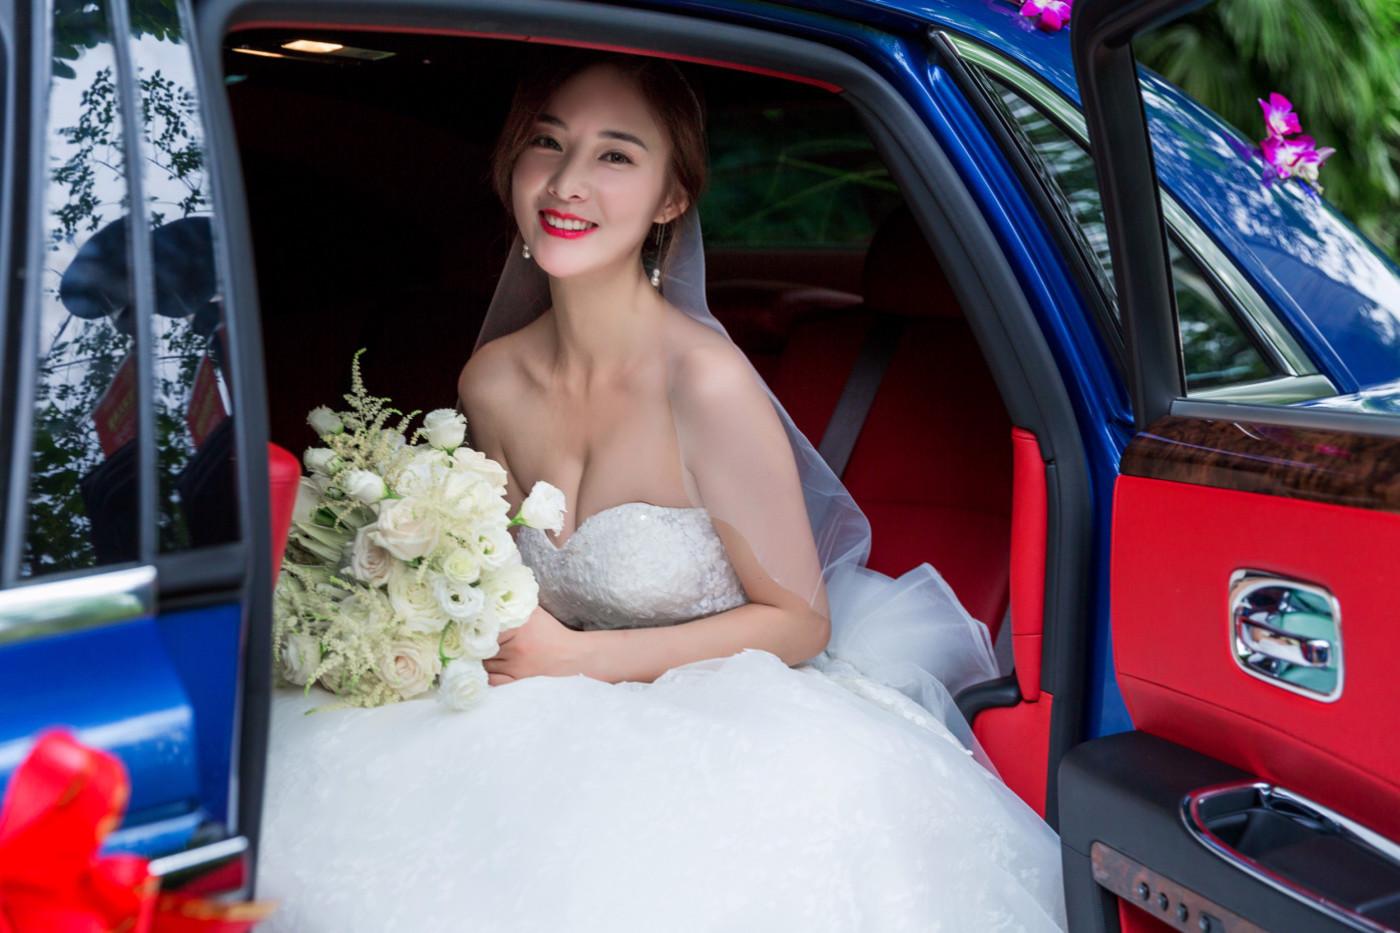 大美女的婚礼27